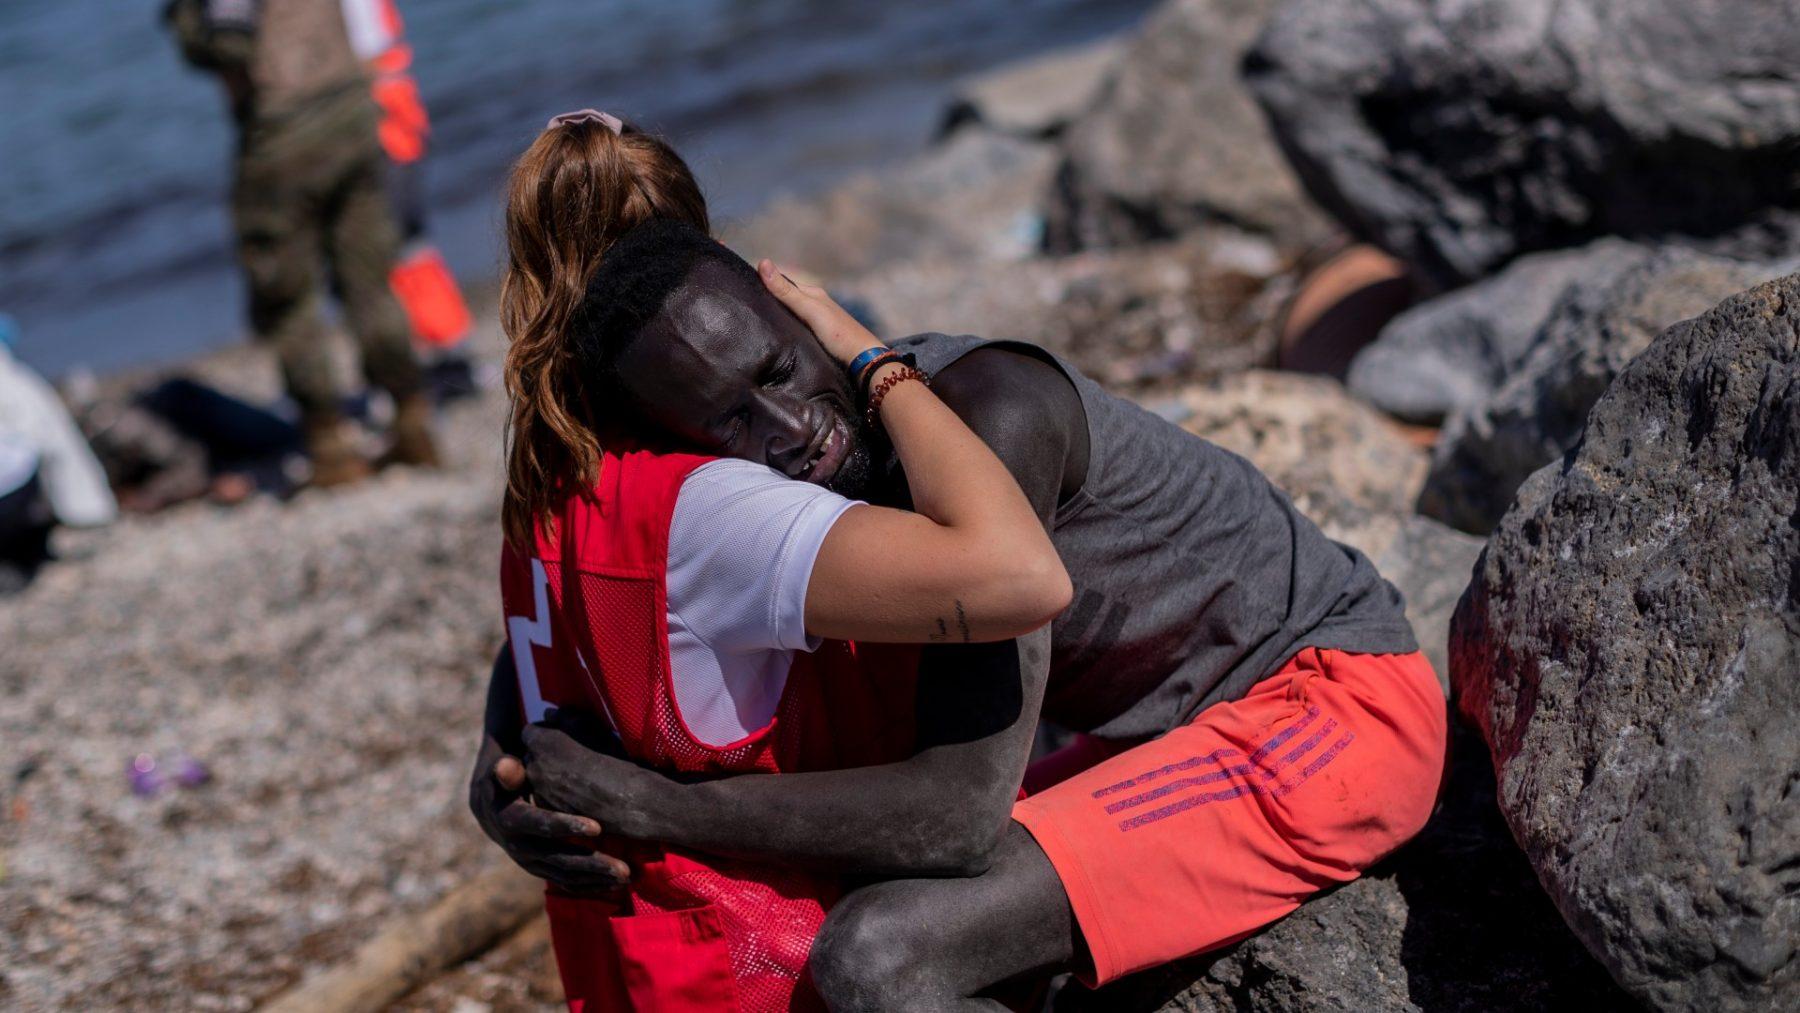 Foto van omhelzing hulpverlener en Senegalese vluchteling gaat viral: 'Symbool van hoop'